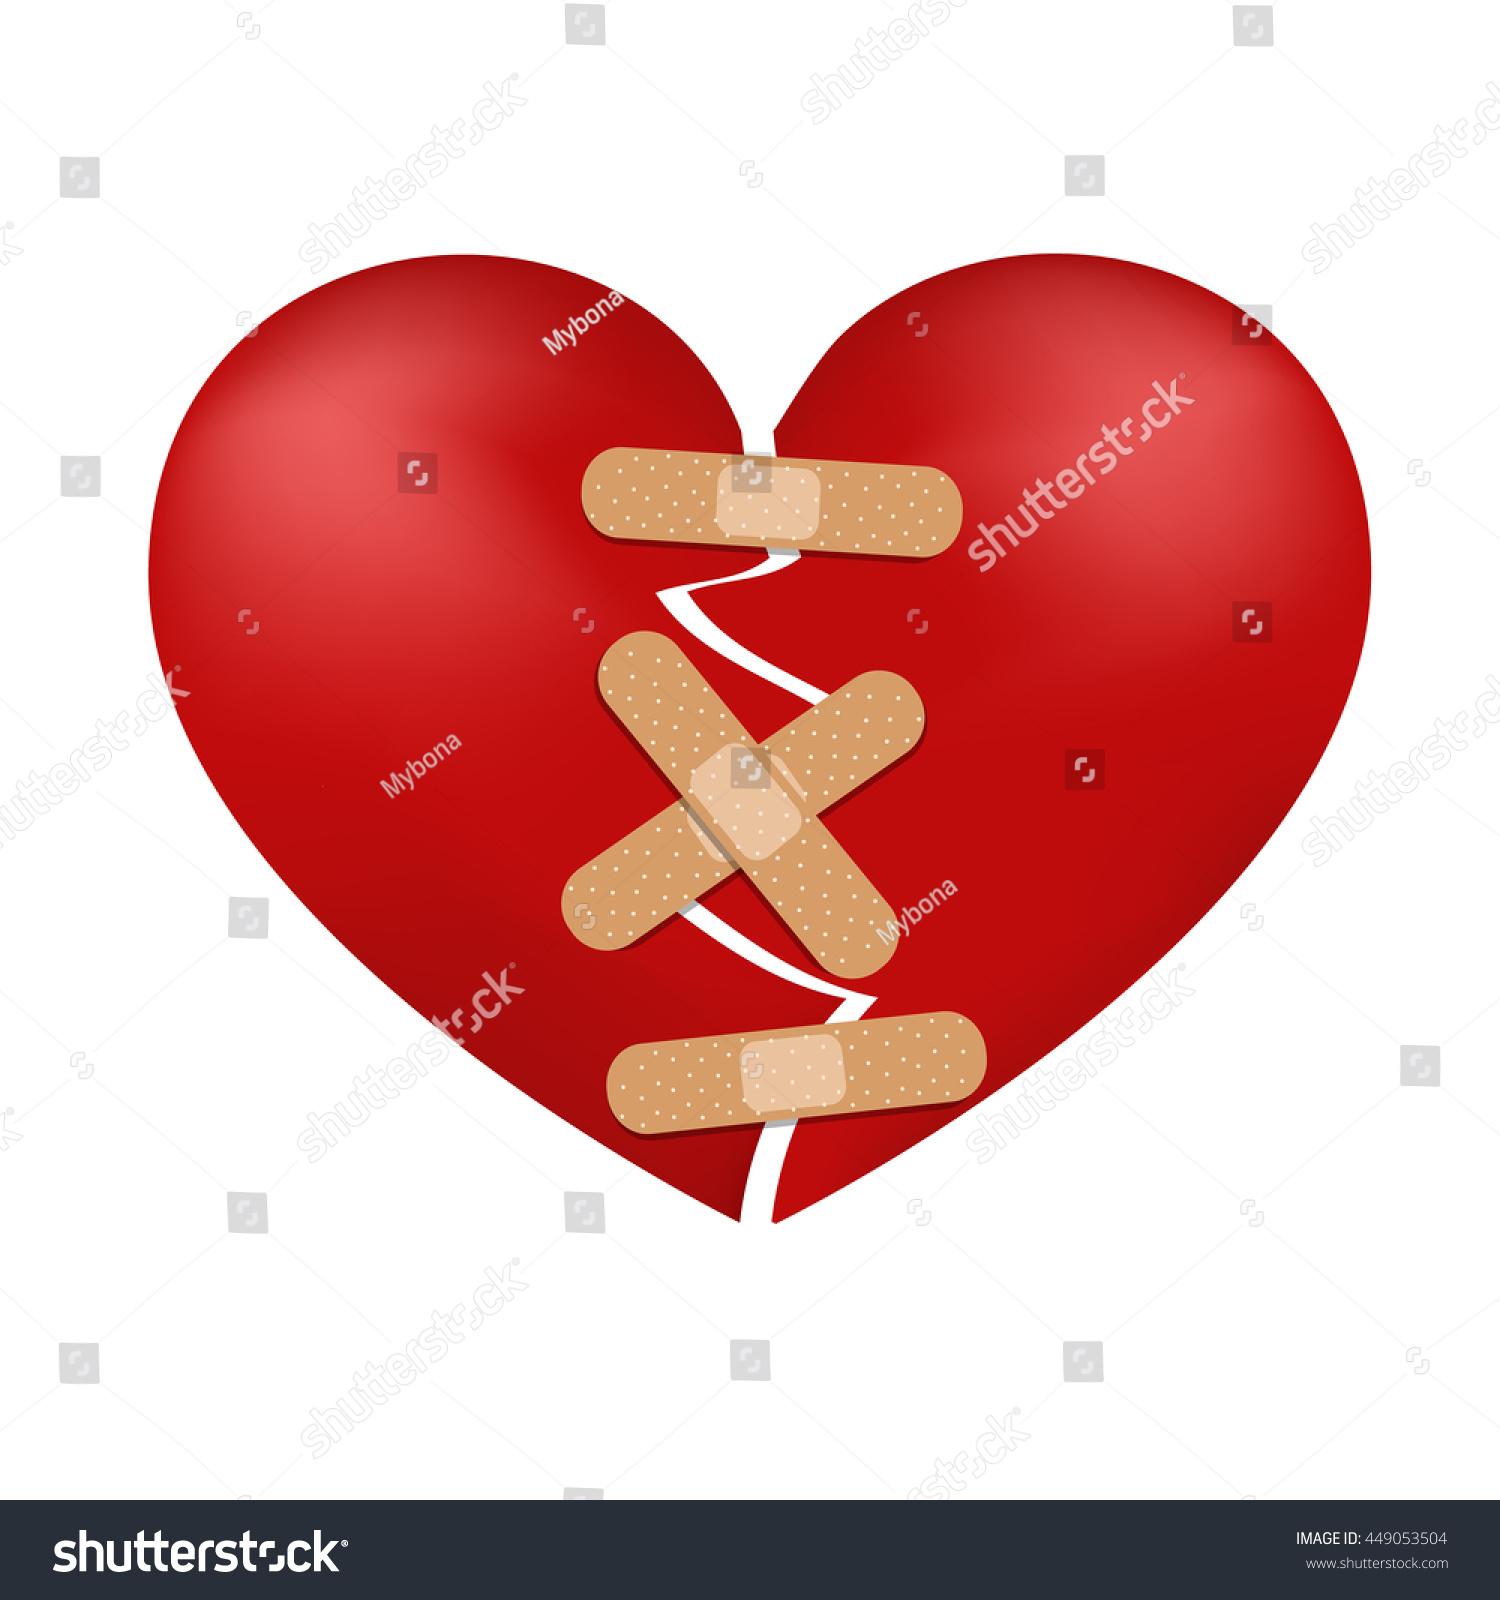 Mending broken heart